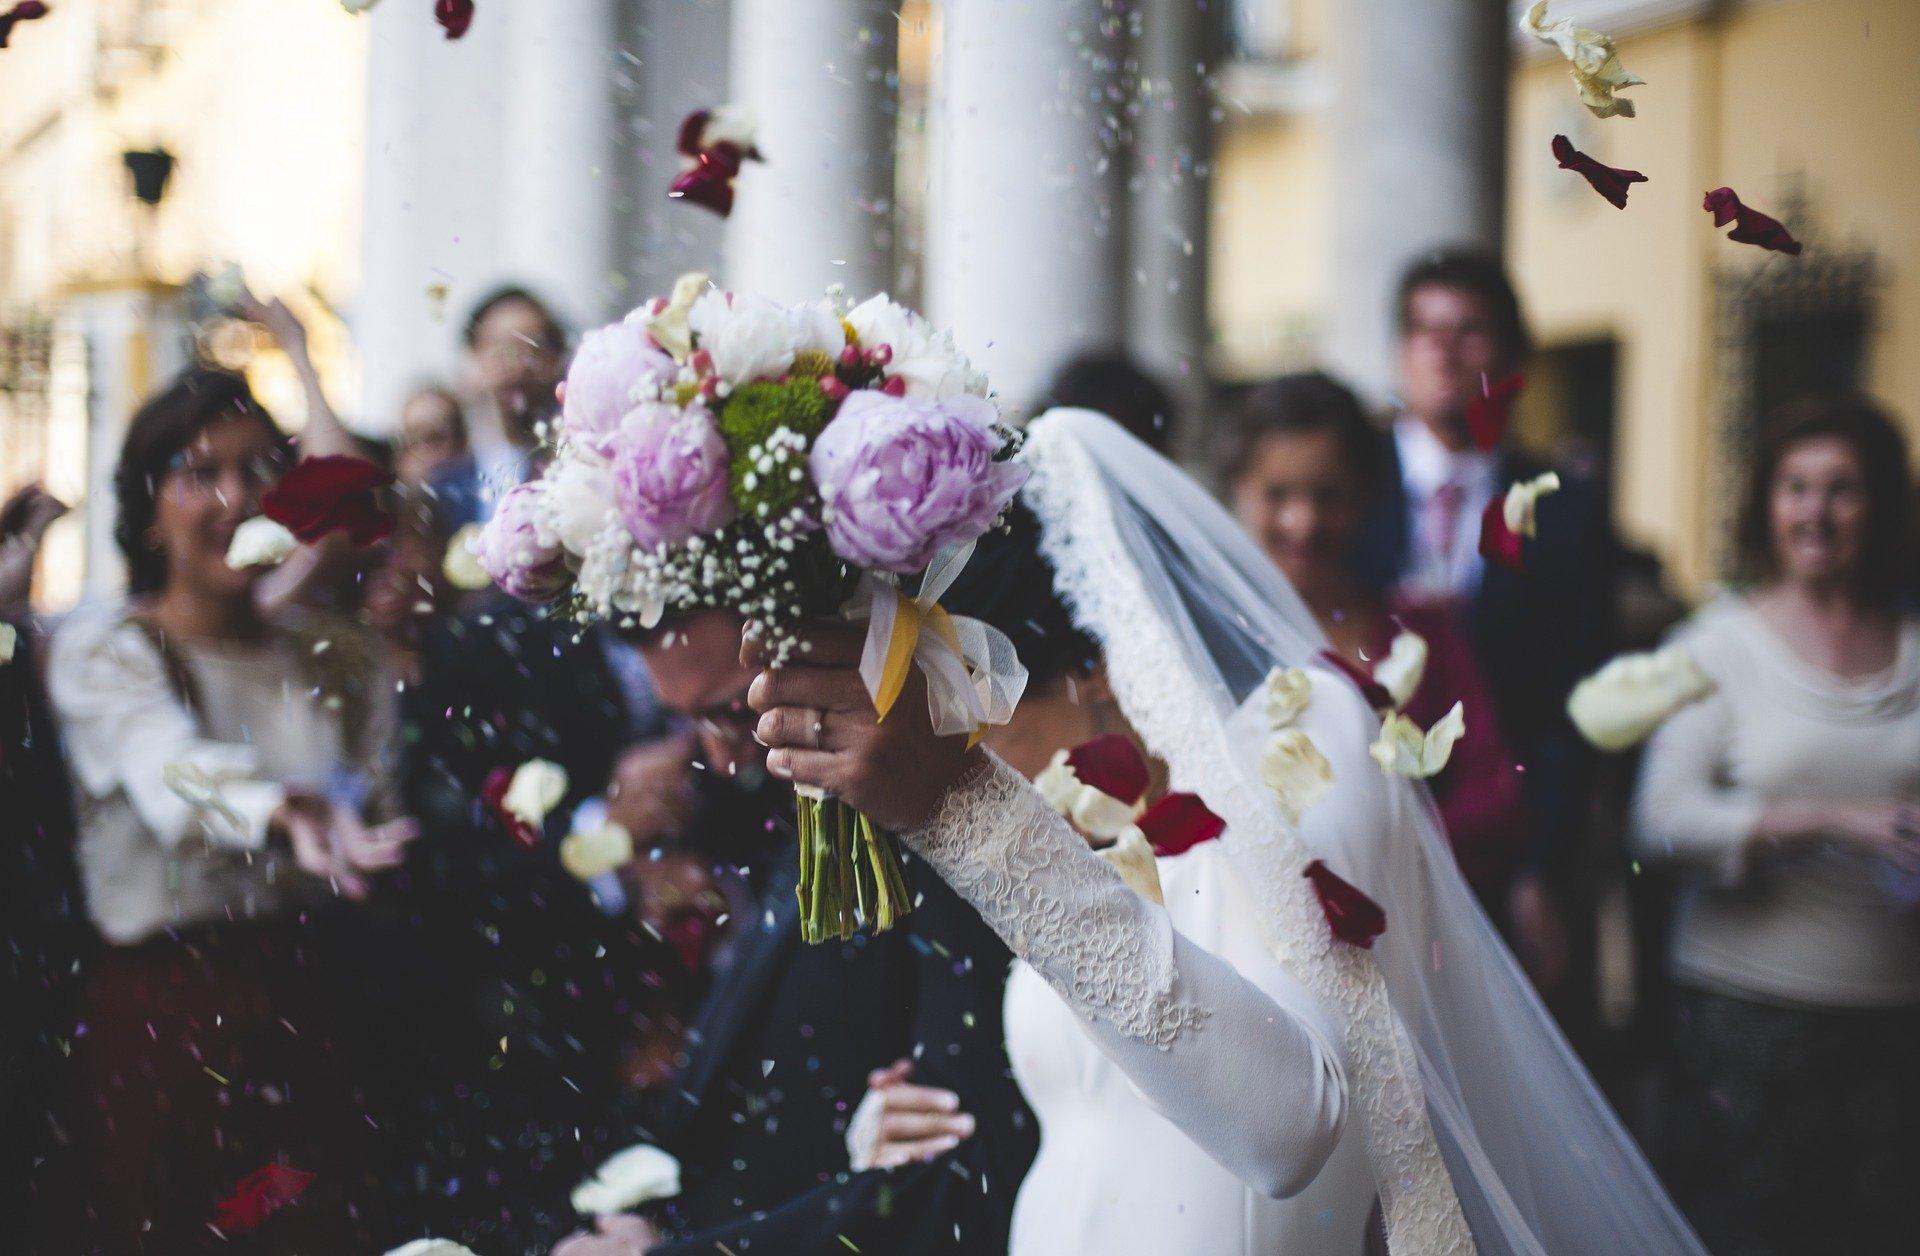 Ślub może się oddalić. Nauki przedmałżeńskie tylko dla zaszczepionych i ozdrowieńców? - Zdjęcie główne